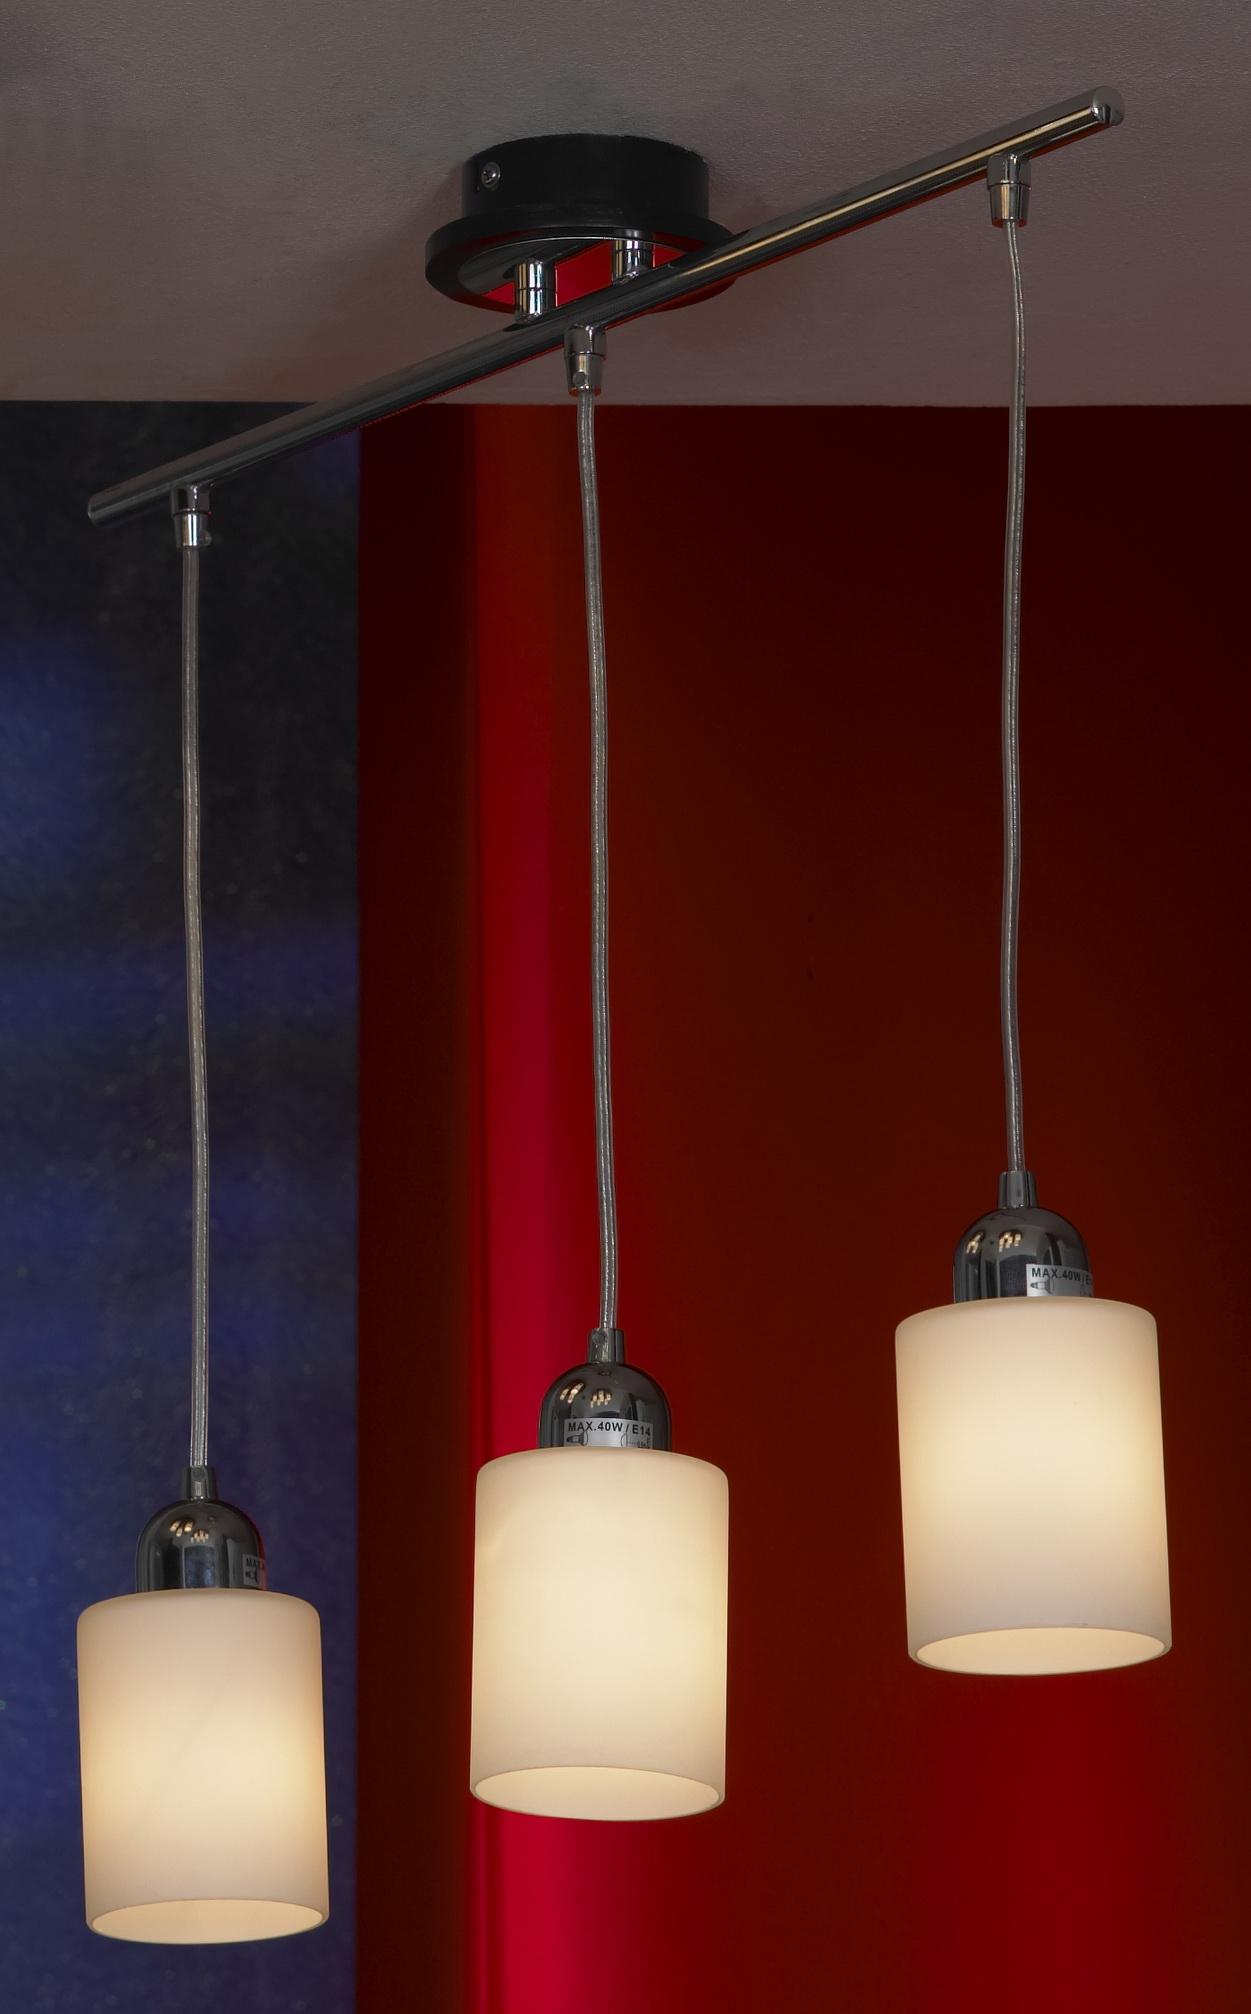 Подвес LussoleСветильники подвесные<br>Количество ламп: 3,<br>Мощность: 40,<br>Назначение светильника: для комнаты,<br>Стиль светильника: модерн,<br>Материал светильника: металл, стекло,<br>Длина (мм): 1000,<br>Ширина: 550,<br>Тип лампы: накаливания,<br>Патрон: Е14,<br>Цвет арматуры: хром<br>